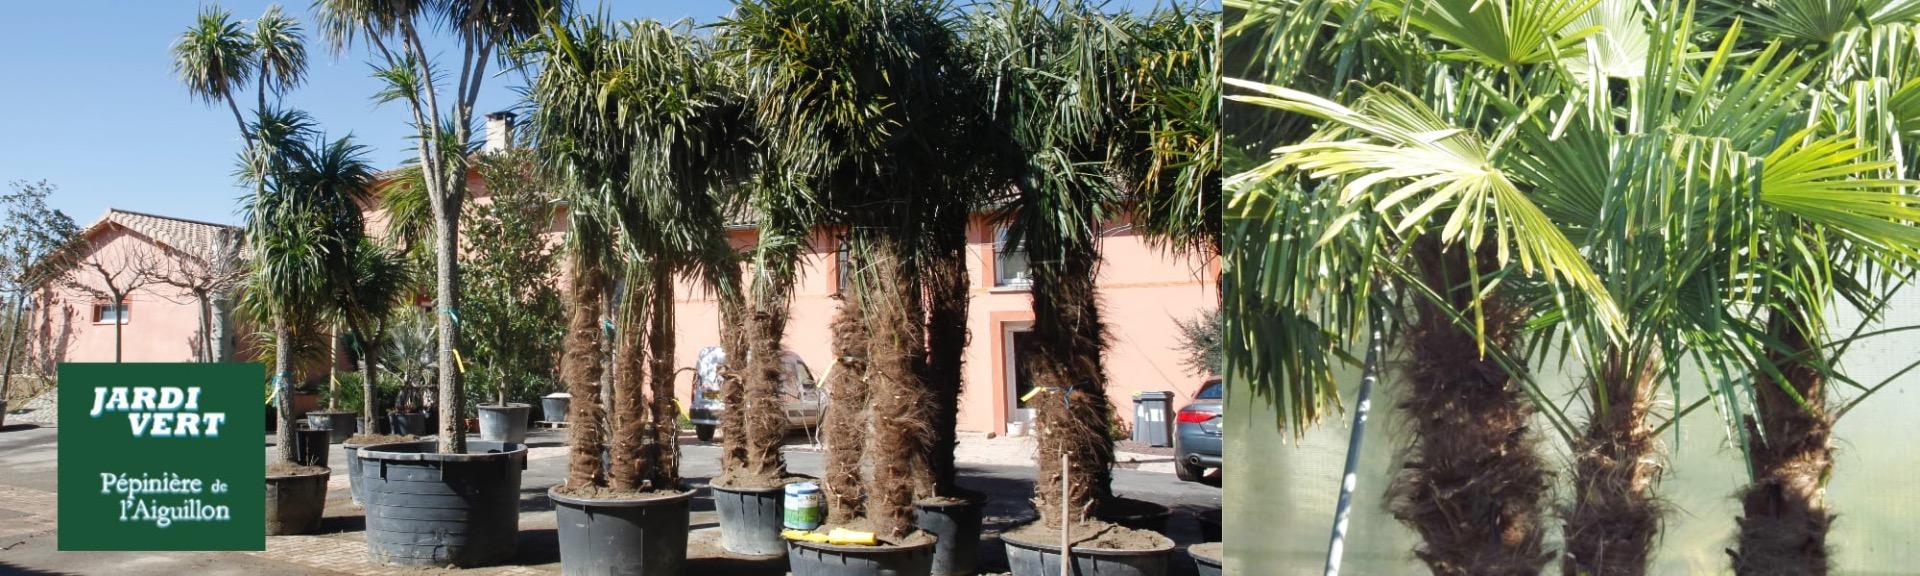 Vente de palmiers gros sujets à Toulouse - Jardinerie pépinière de l'aiguillon